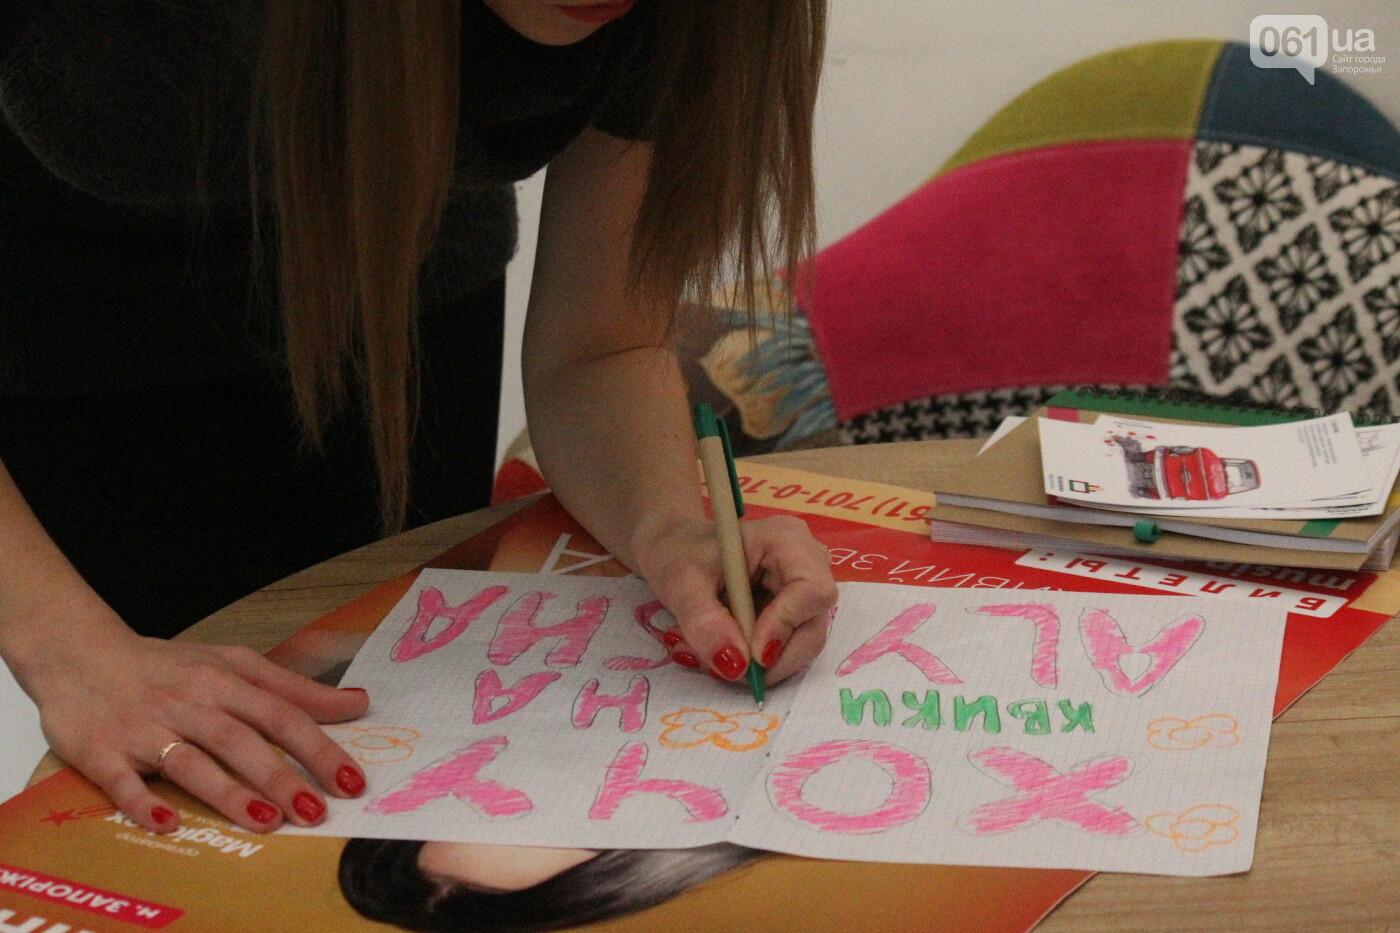 Перед концертом в родном Запорожье певица Alyosha провела автограф-сессию, – ФОТОРЕПОРТАЖ, фото-20